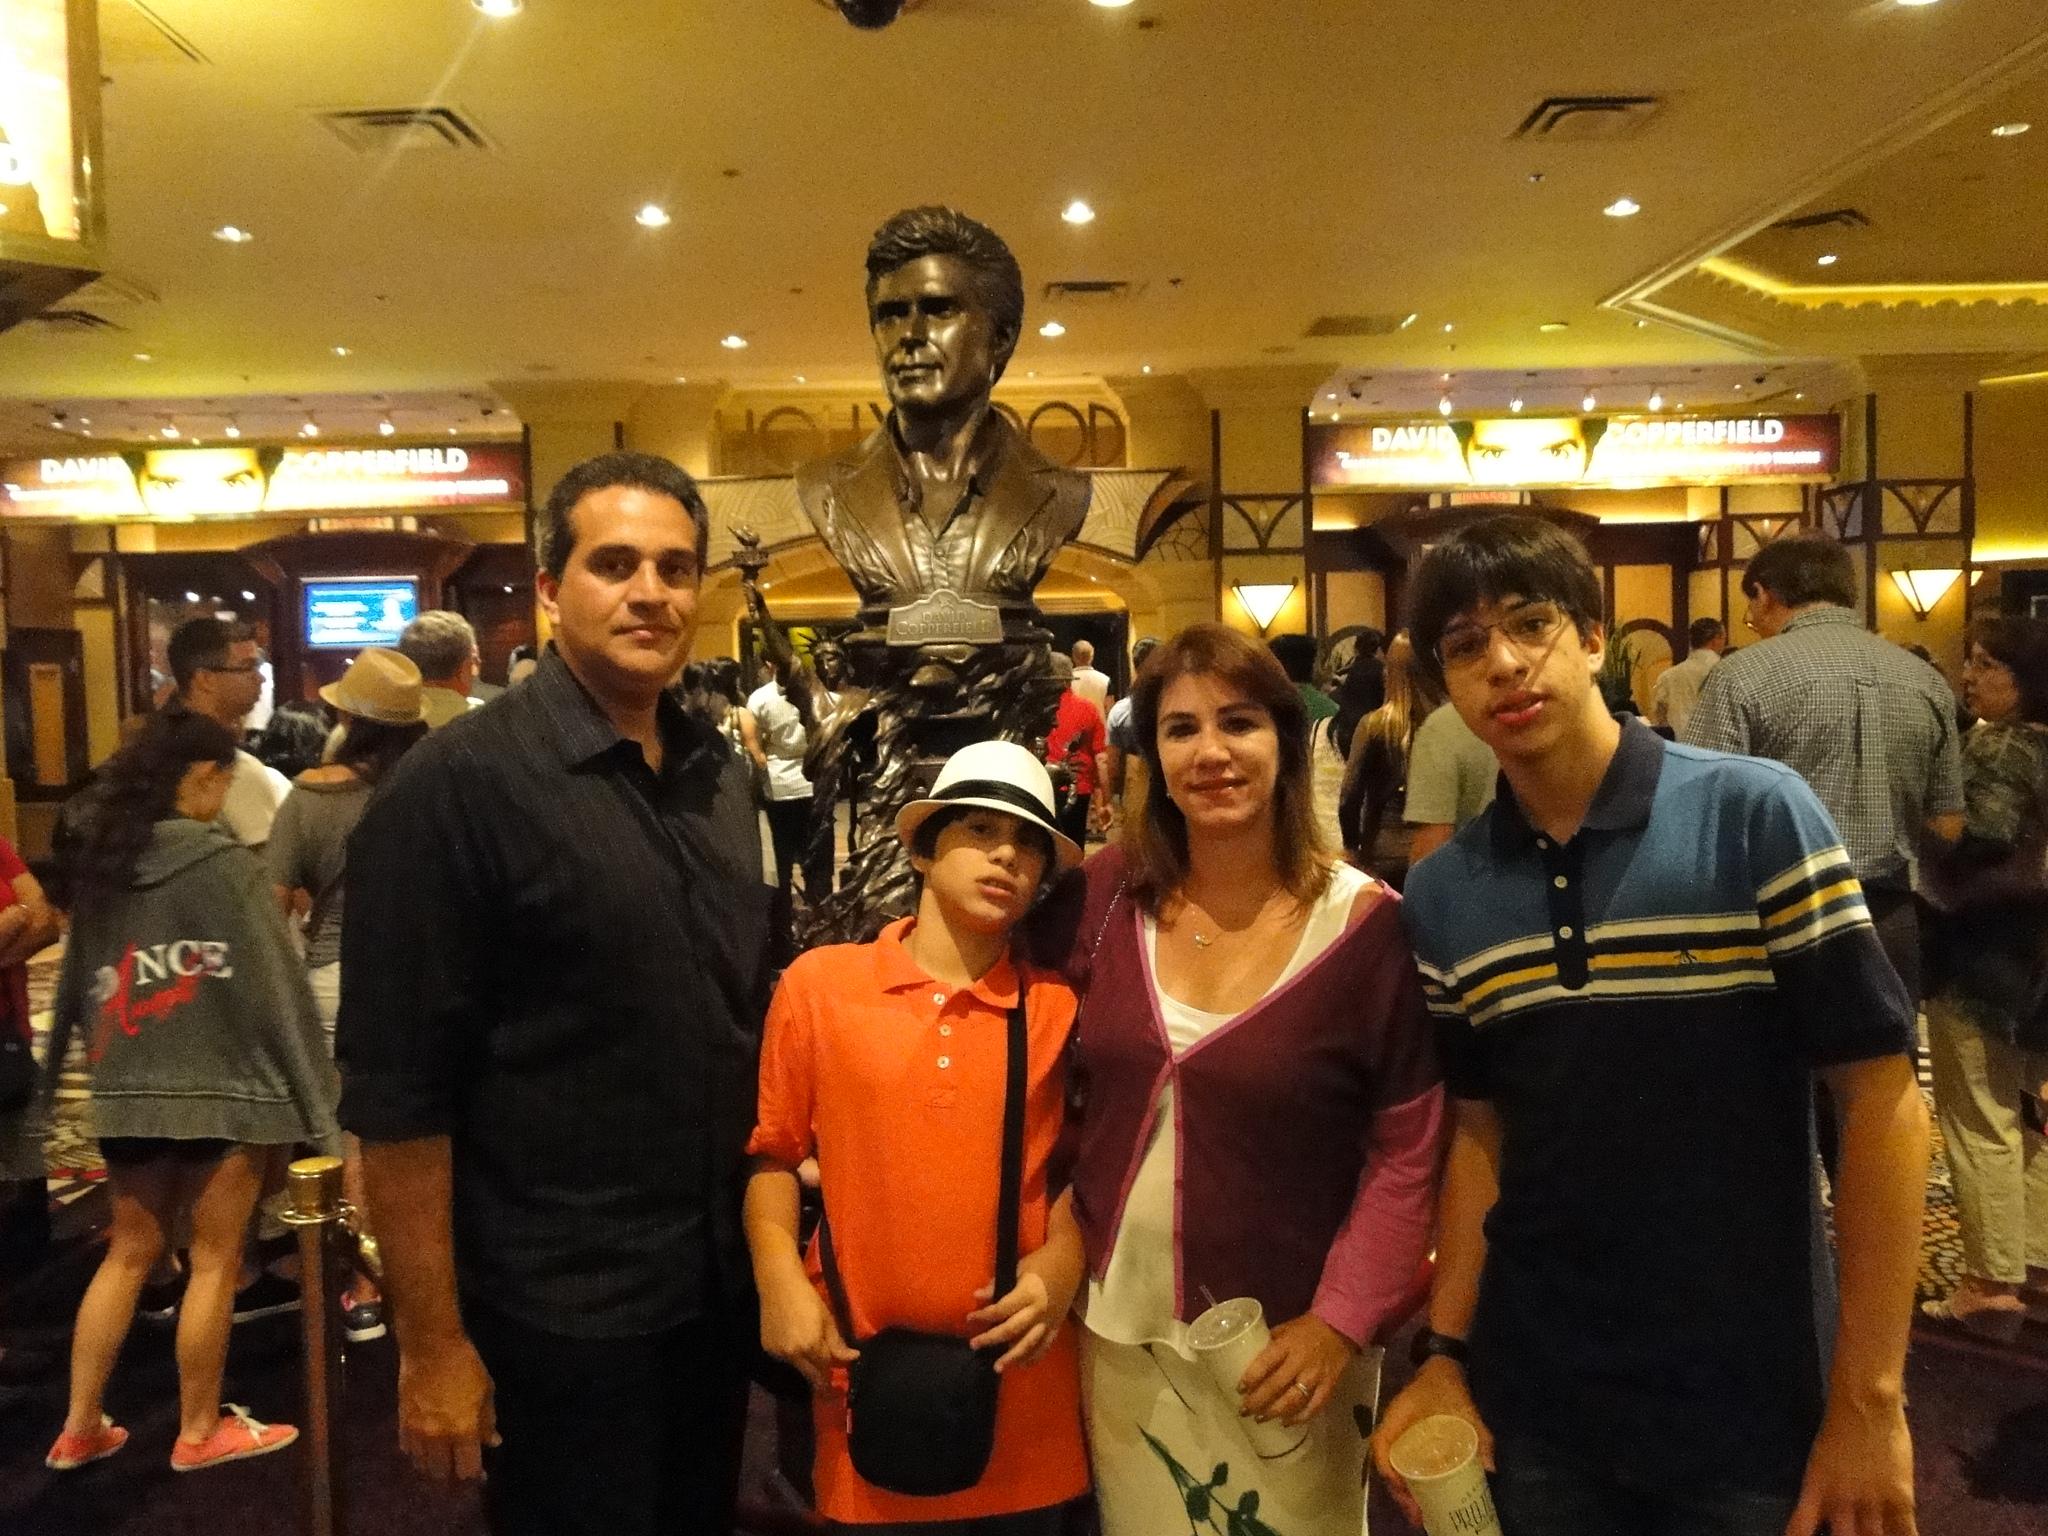 Vegas David